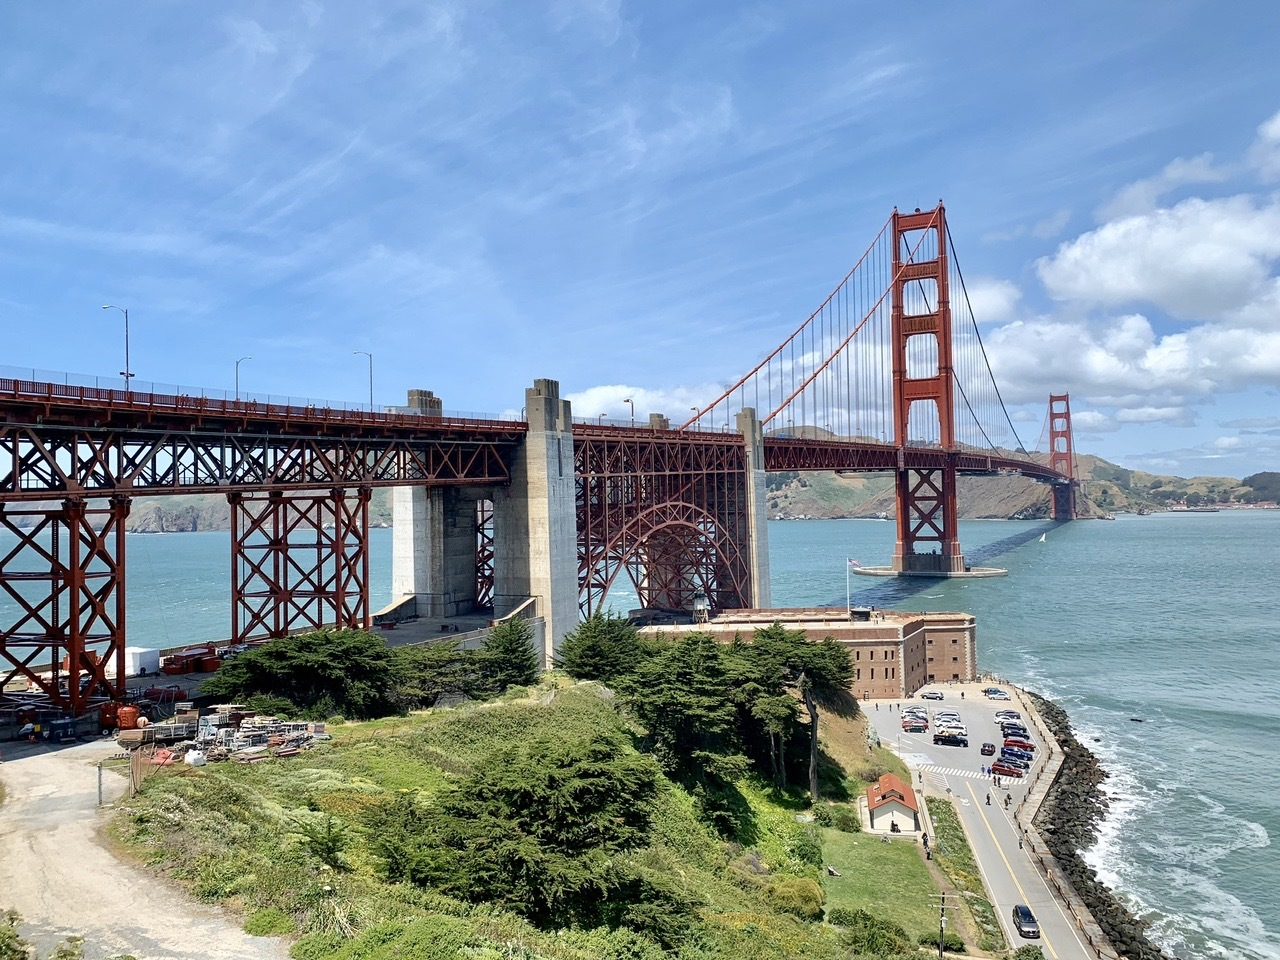 初めてのサンフランシスコ観光で行きたいスポットおすすめ8選!